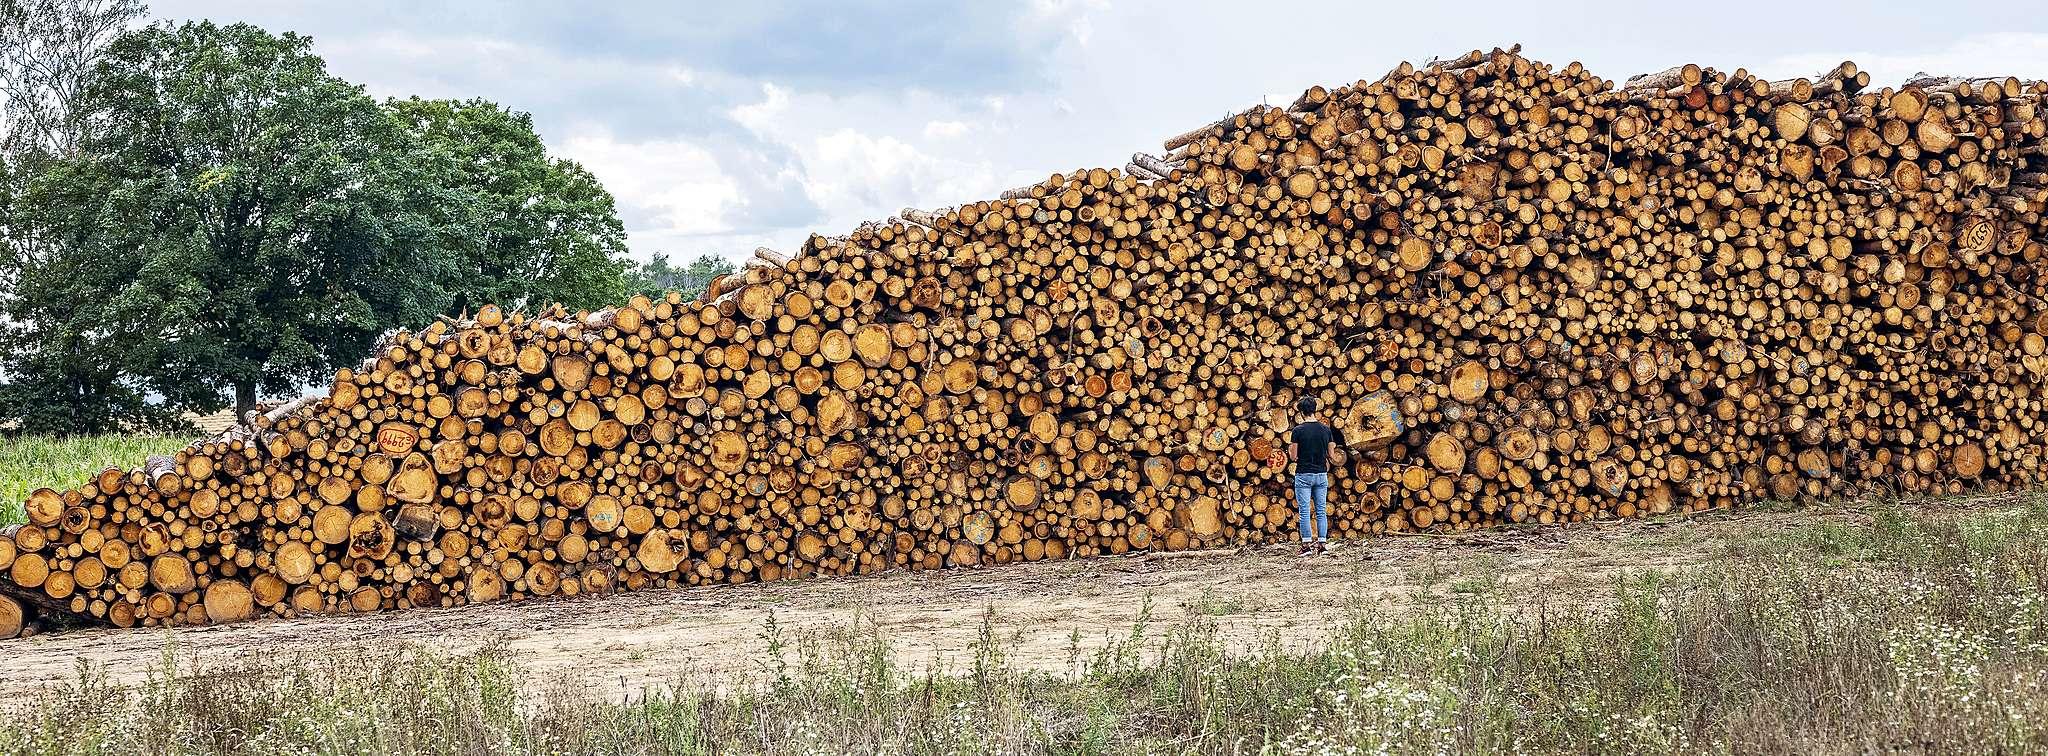 České lesy usychají. Jak je zachránit?